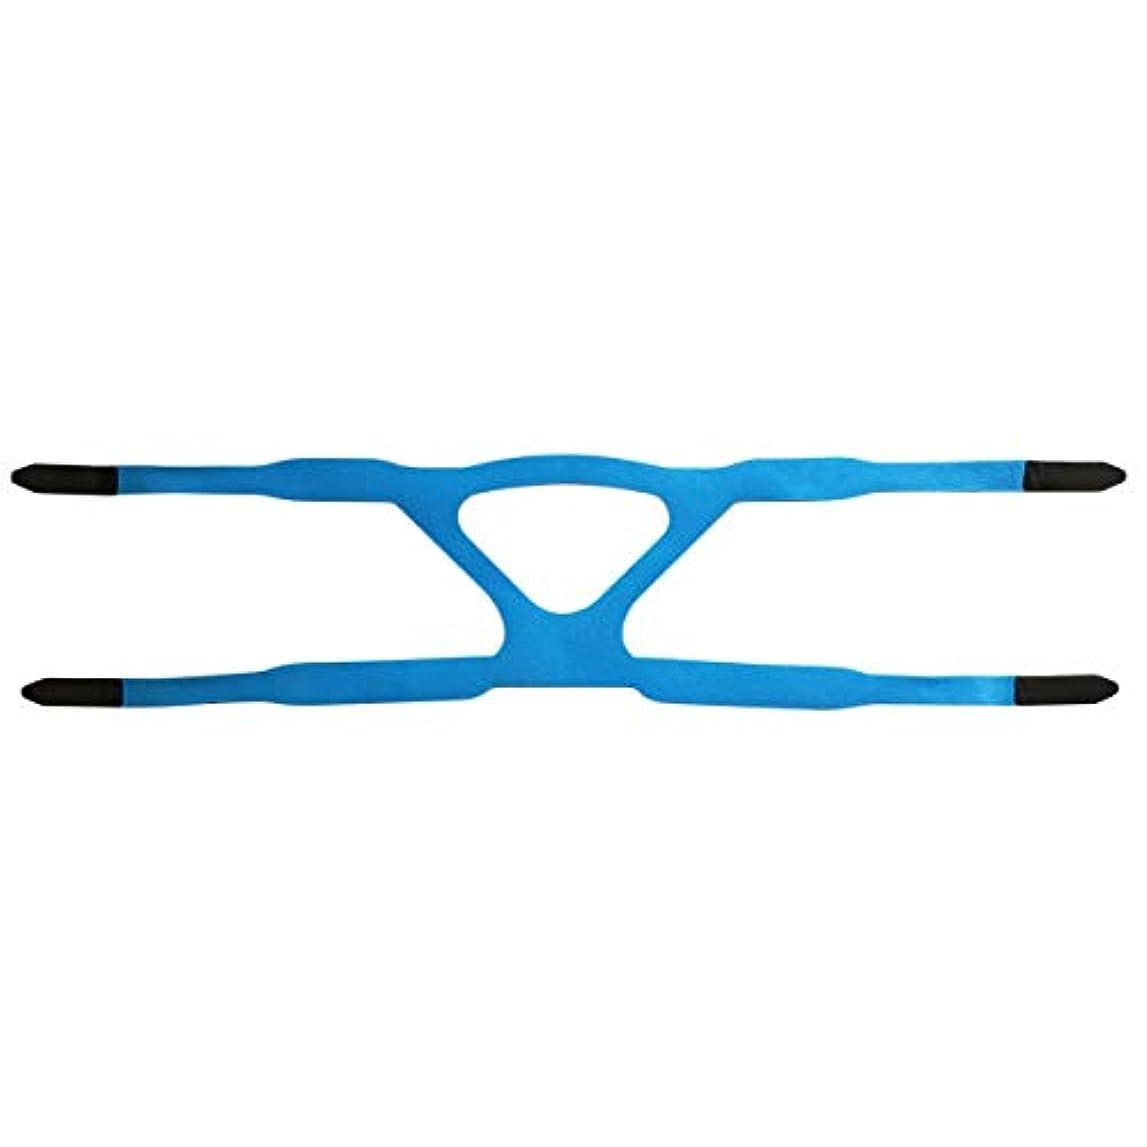 ウミウシジョットディボンドン路地ユニバーサルヘッドギアコンフォートジェルフルマスク安全な環境置換CPAPヘッドバンドマスクなしPHILPSに適しています(色:青&グレー)